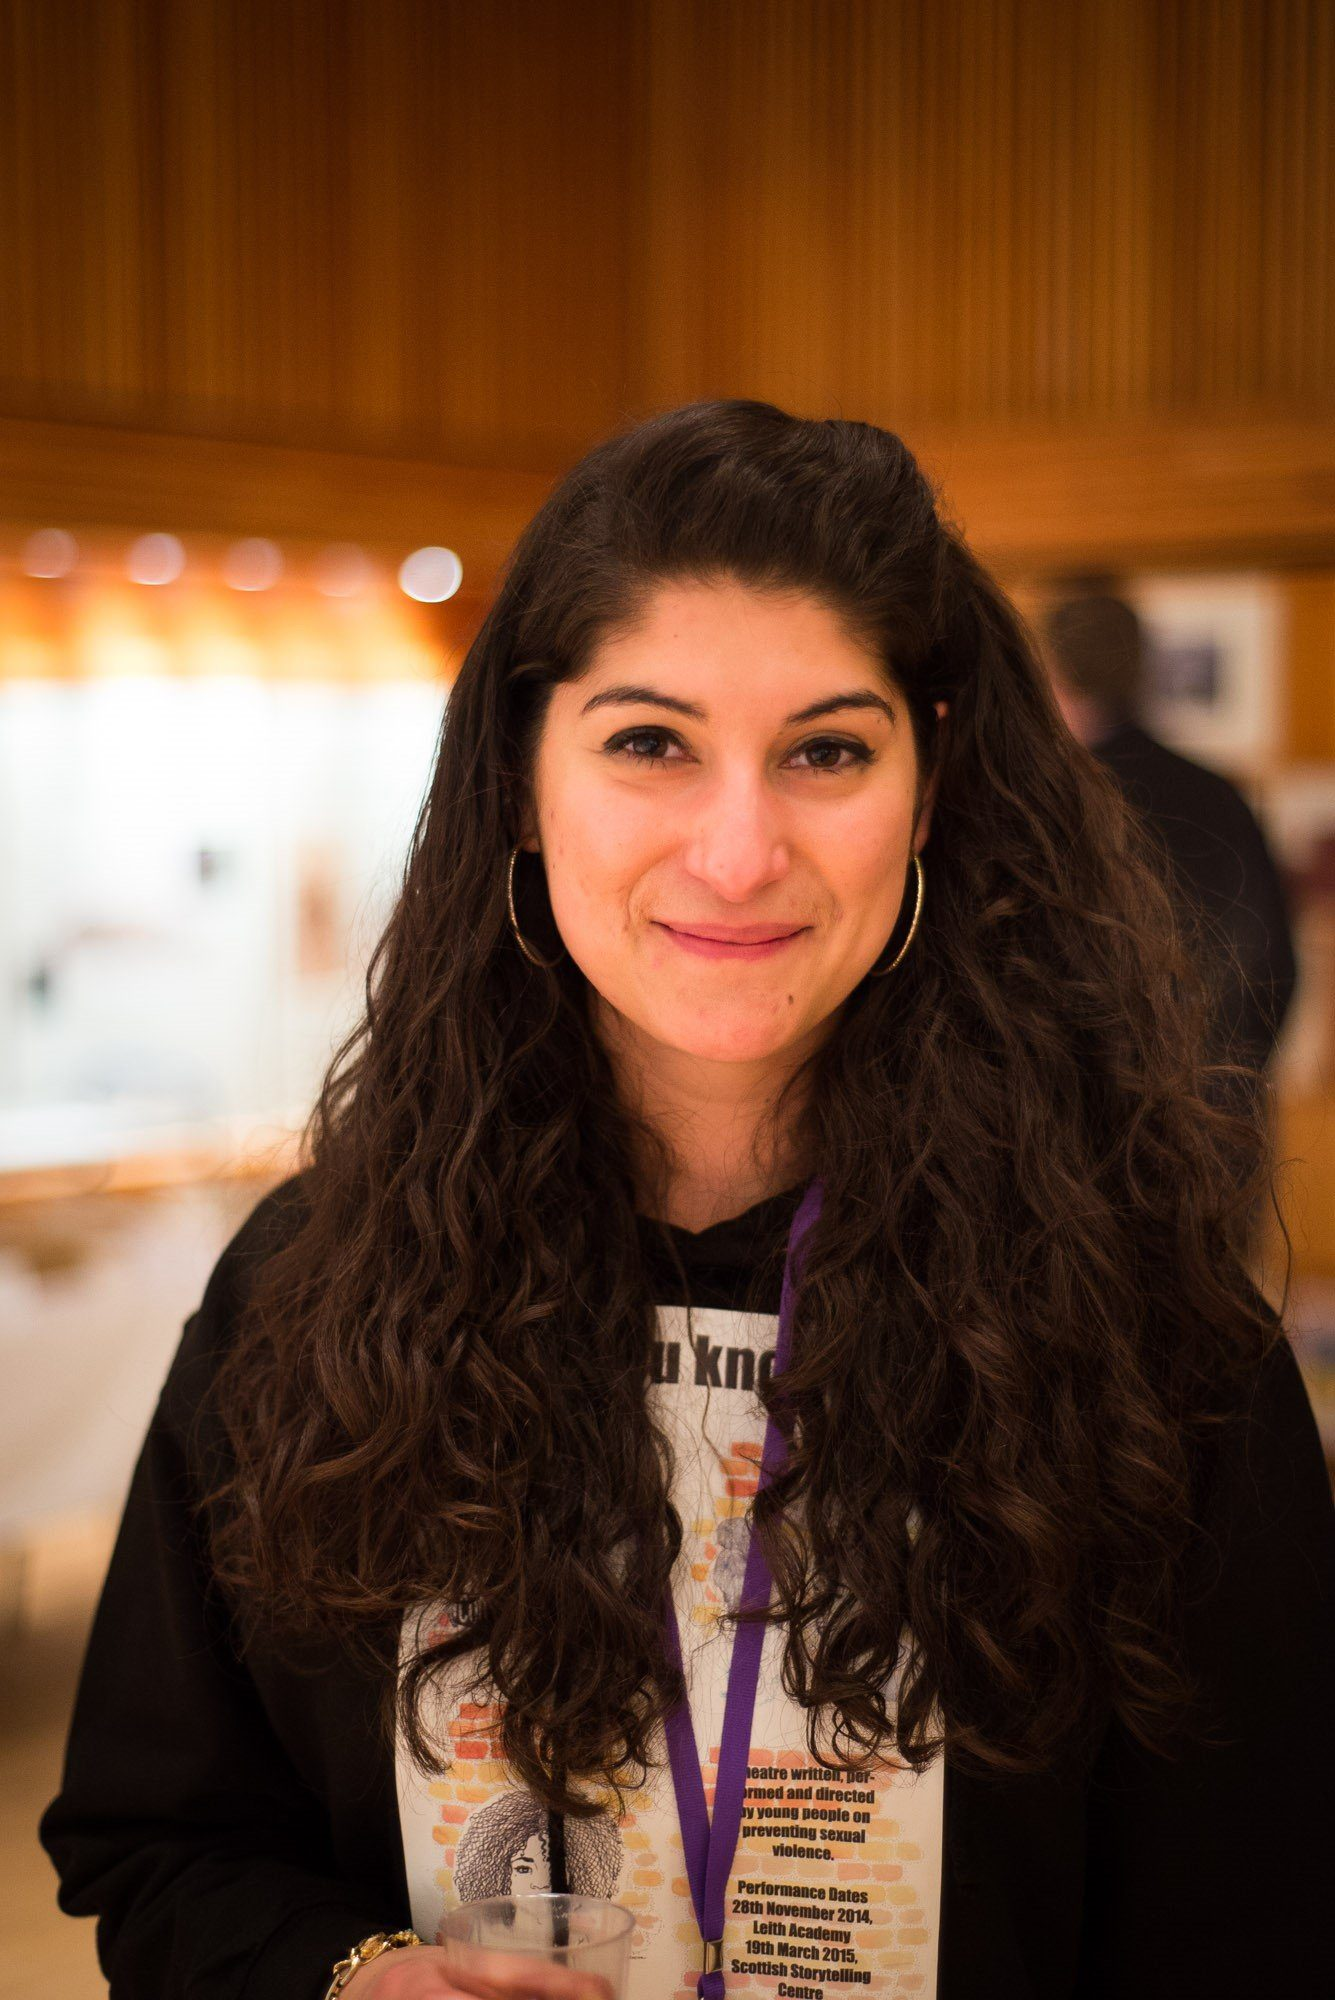 Nadine Jassat